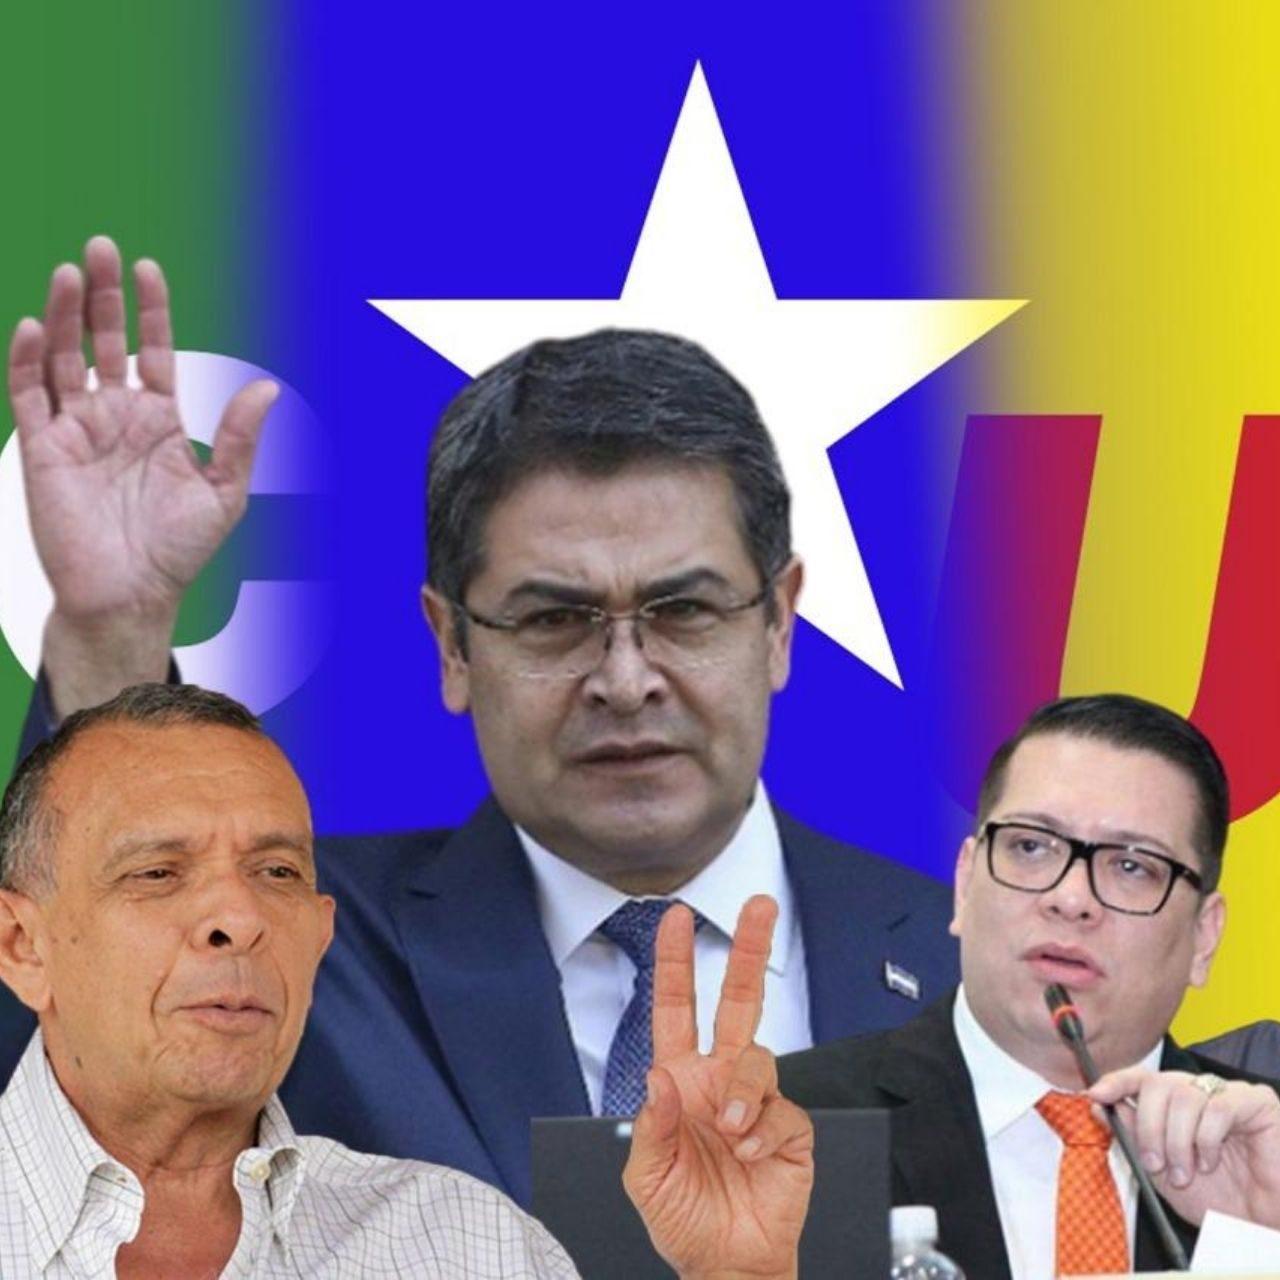 Contra el Partido Nacional forman Coalición Política de cara a las próximas elecciones